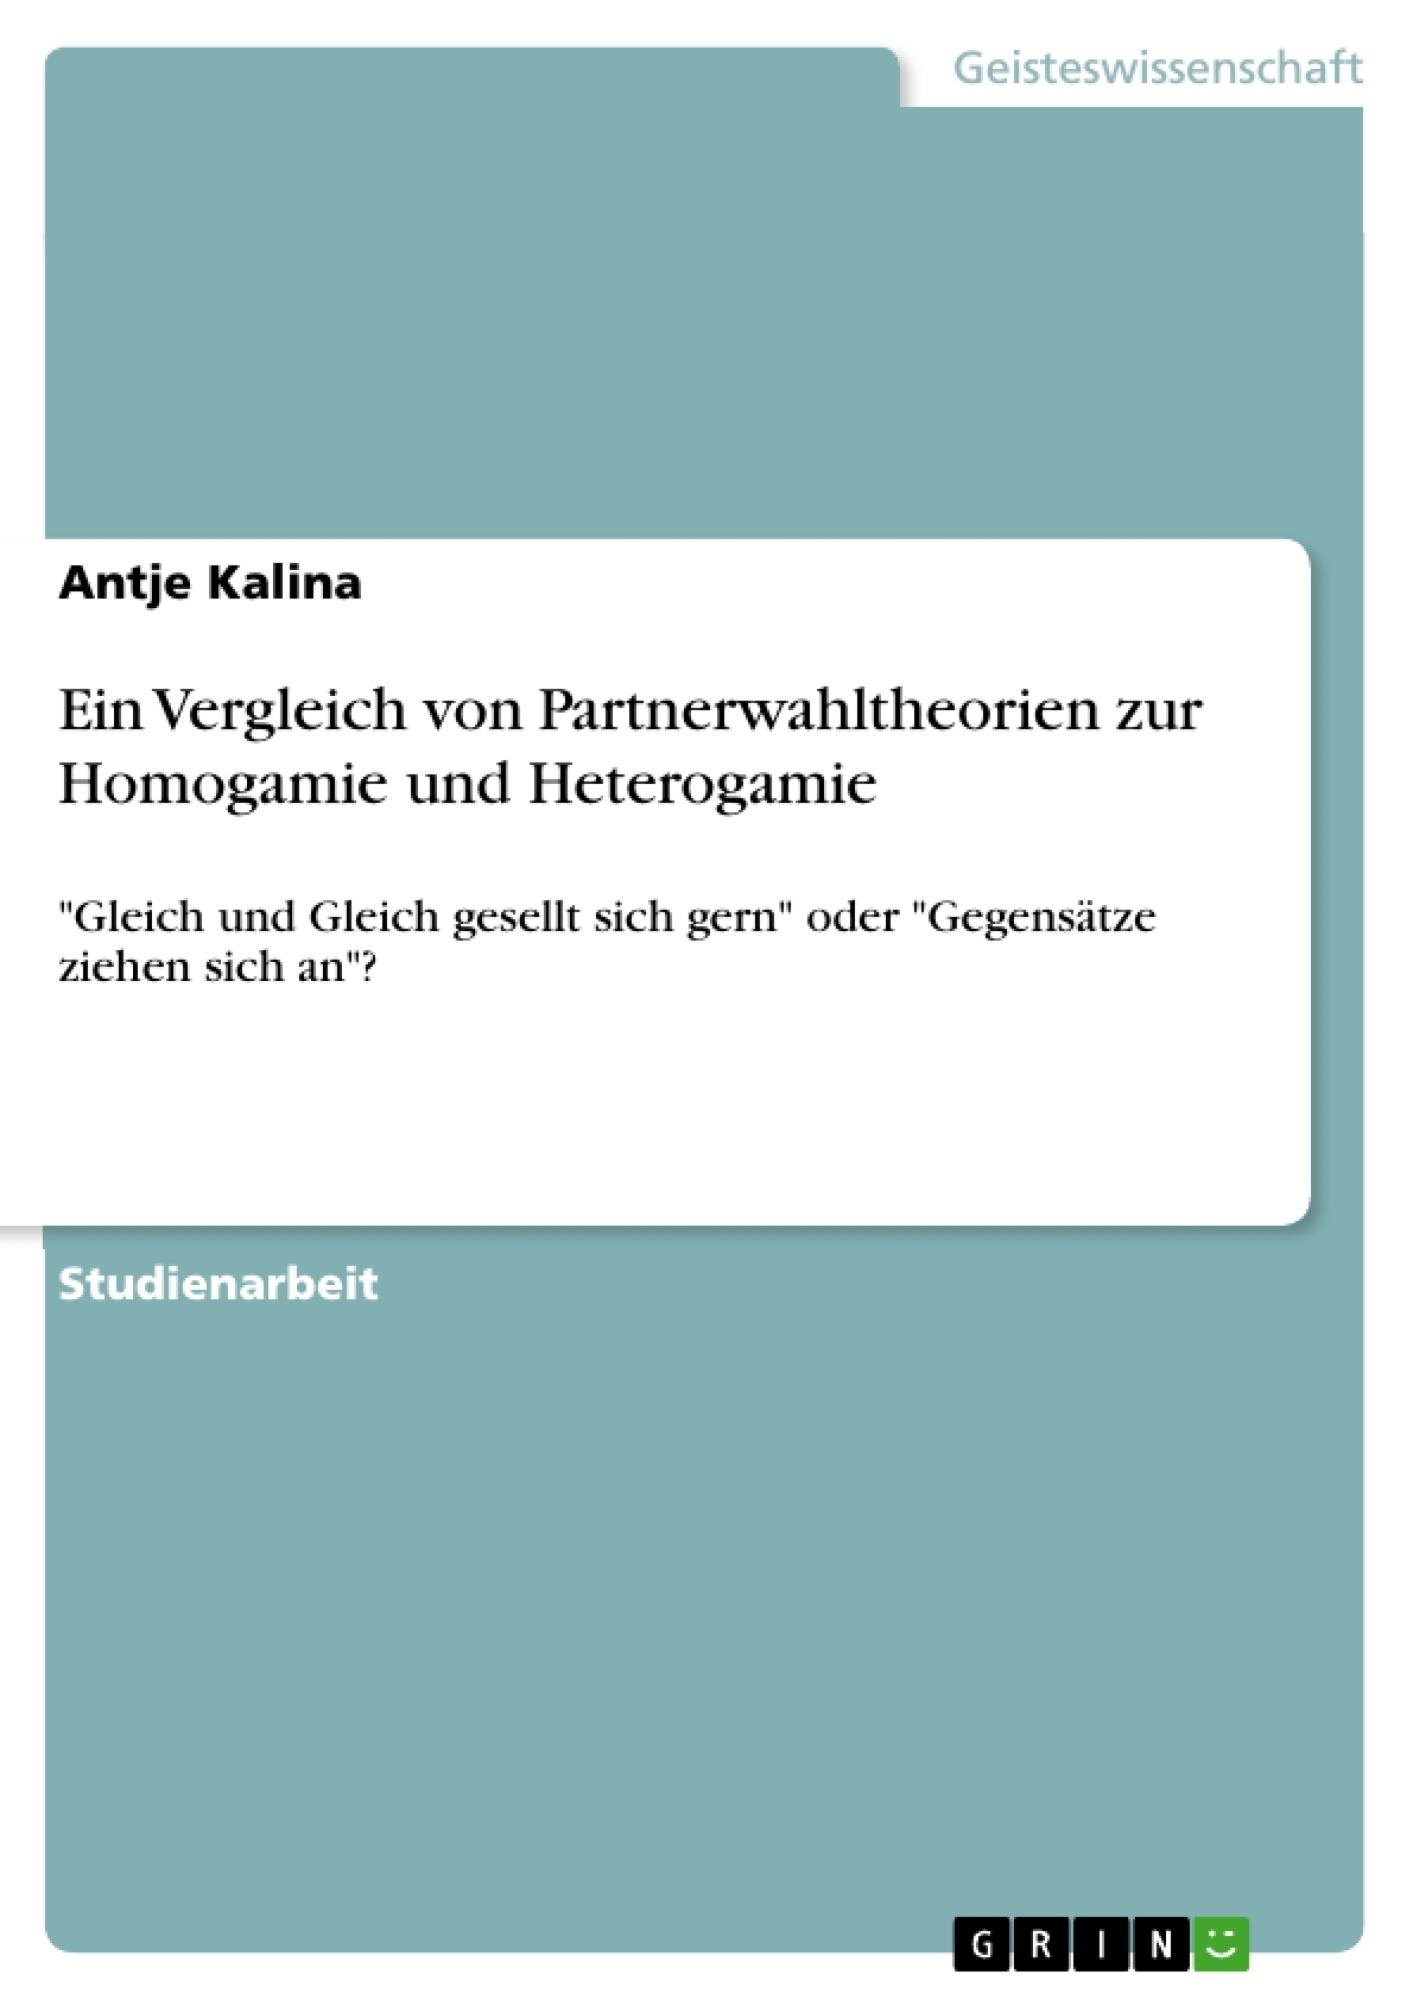 Titel: Ein Vergleich von Partnerwahltheorien zur Homogamie und Heterogamie